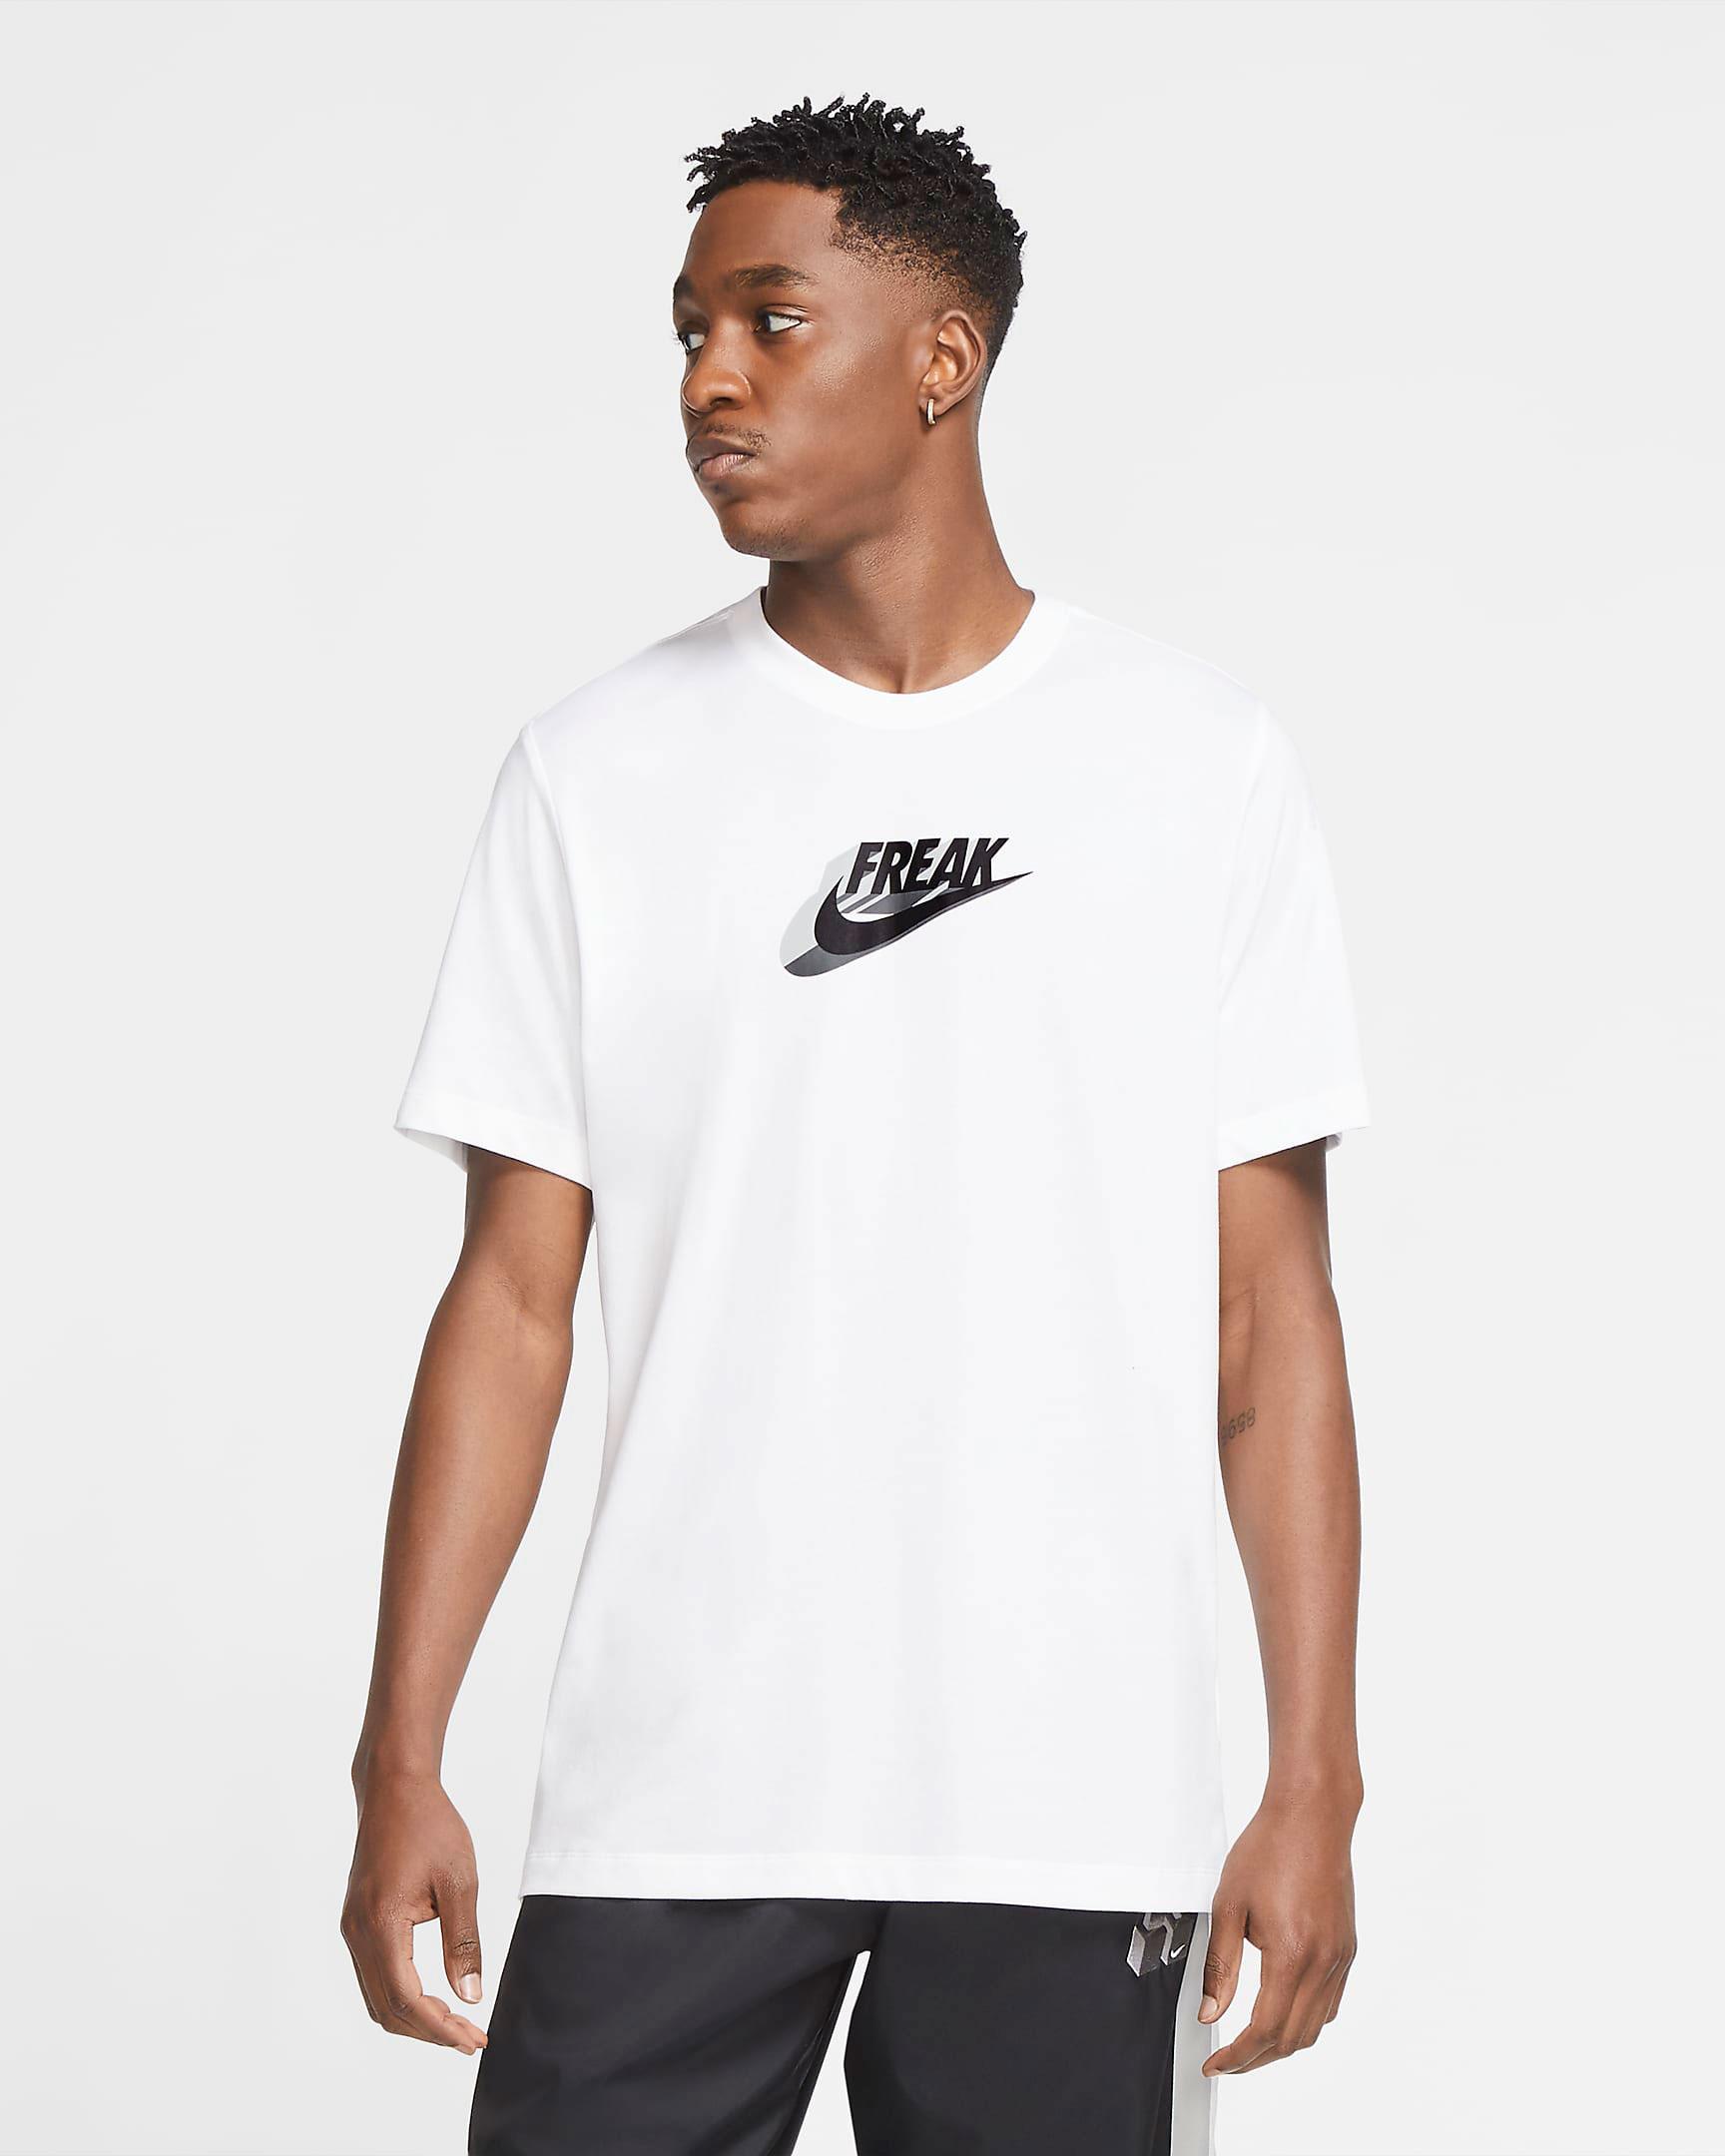 nike-zoom-freak-2-white-black-white